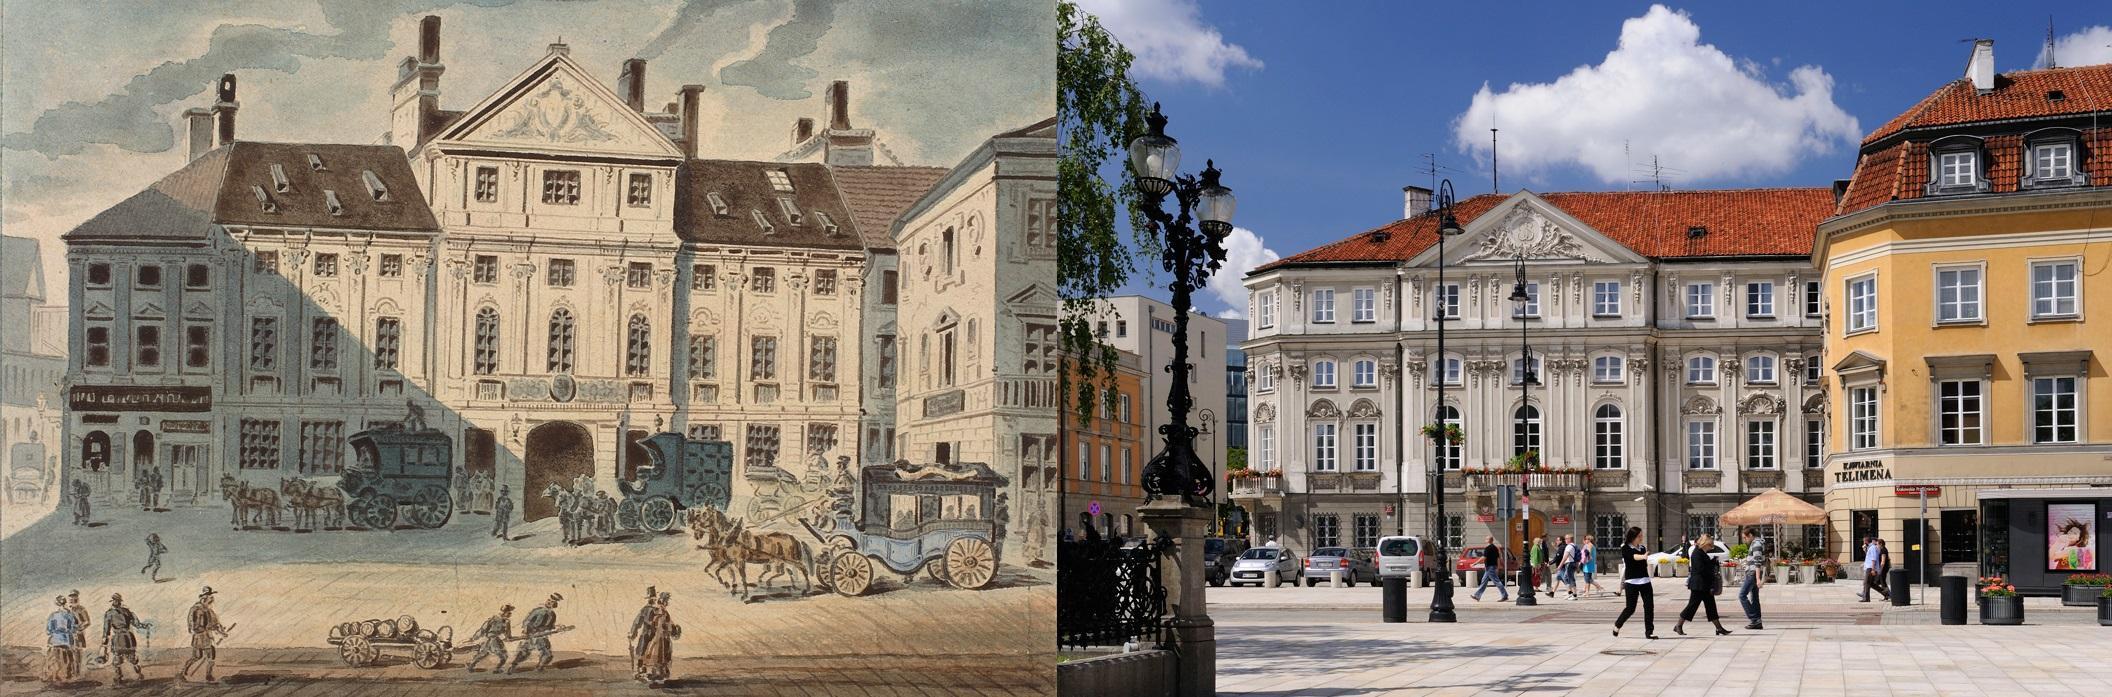 Step in Warsaw - Stadtführerin in Warschau. Der Wessel-Palast in den Zeiten von Fryderyk Chopin und jetzt (Warschau, Krakowskie Przedmieście Straße Nr 25). Damals befand sich hier das Postamt. Die Postkutsche nach Wien ging ab hier jeden Nachmittag ab. Am 2. November 1830 war Fryderyk Chopin an Bord. Quelle: http://en.chopin.warsawtour.pl/.